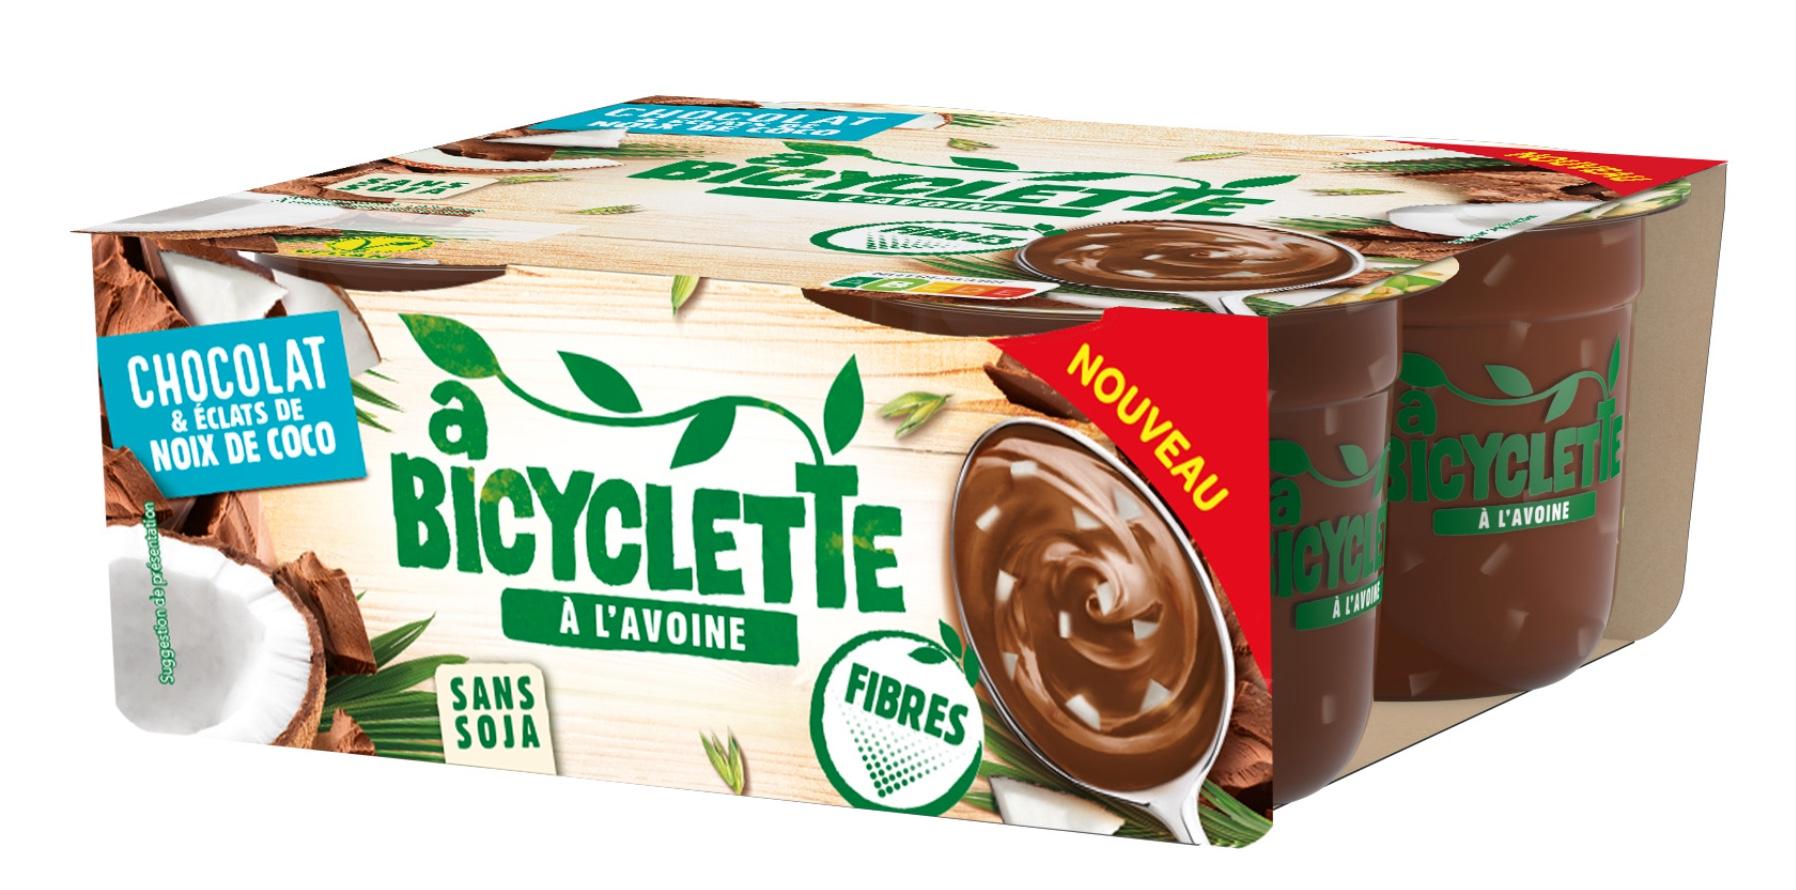 Capture decran 2021 06 19 a 10.51.46 - A Bicyclette lance deux nouvelles recettes 100% végétales au chocolat